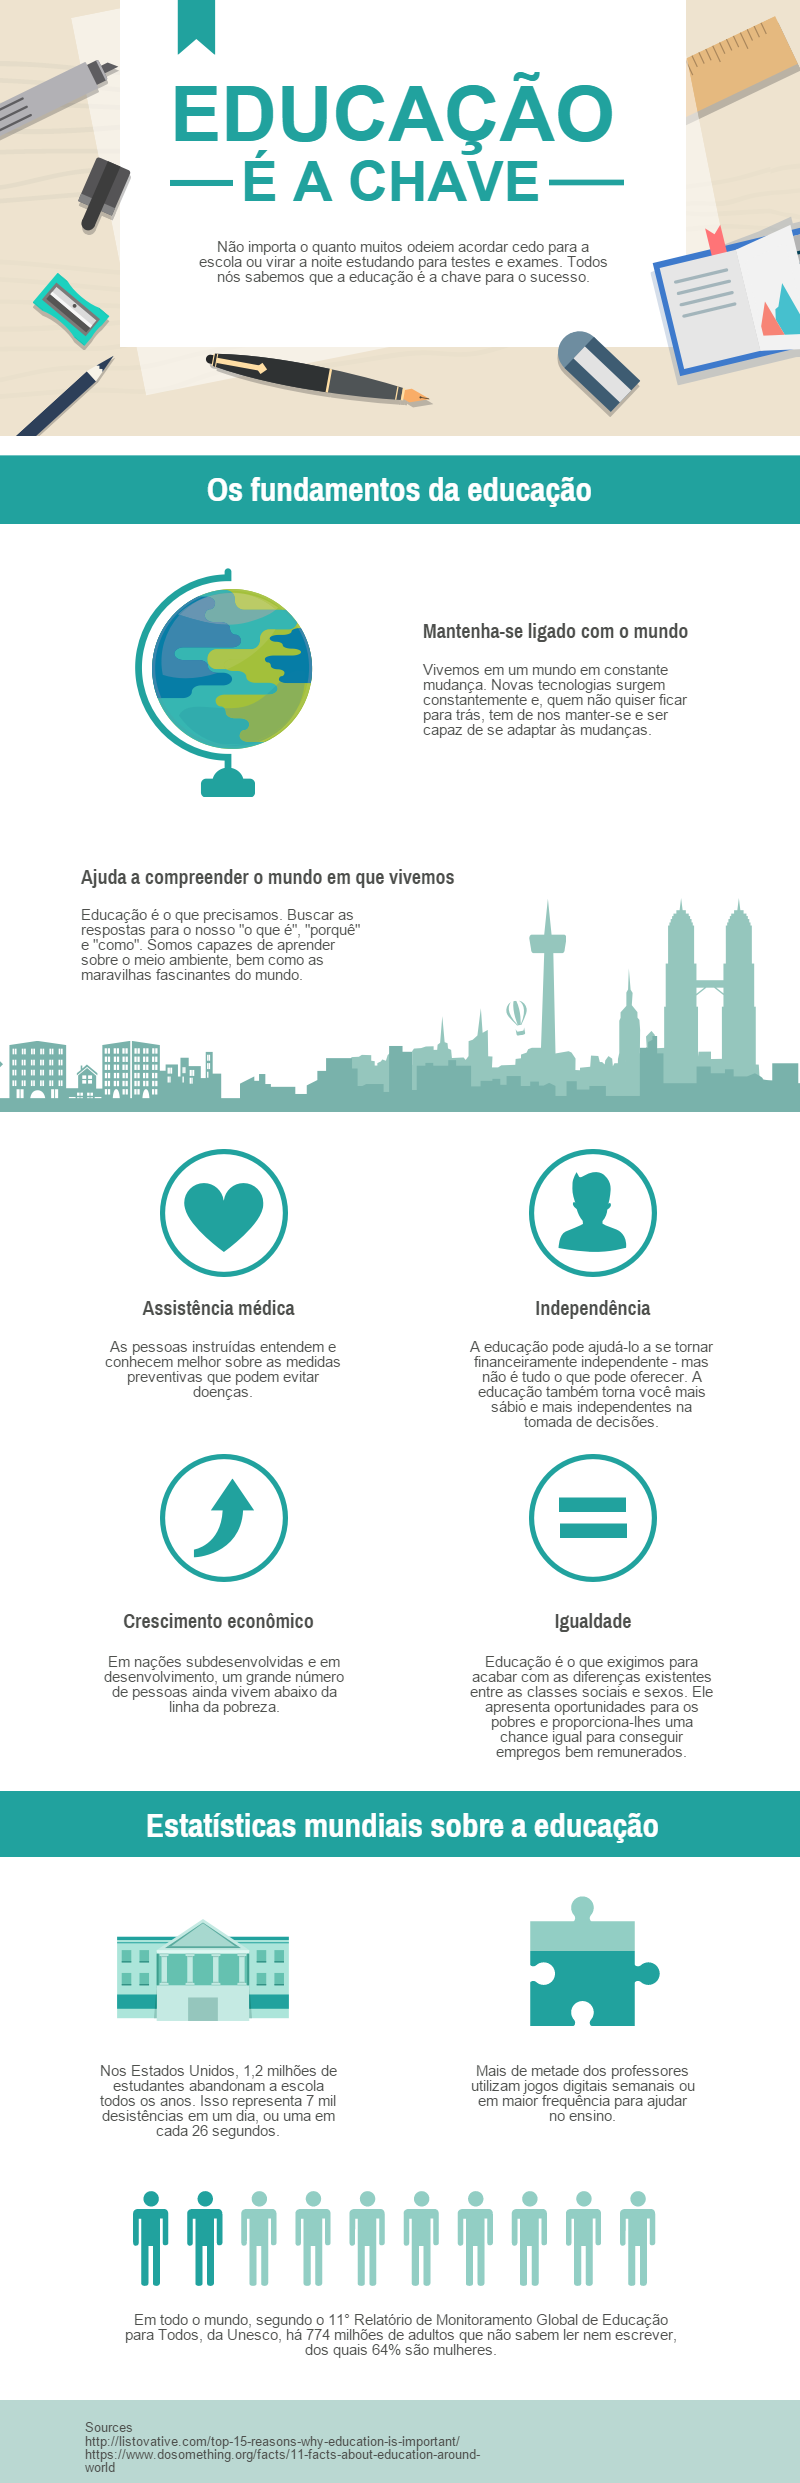 DOUTISSIMA - benefícios da educação doutíssima infográfico